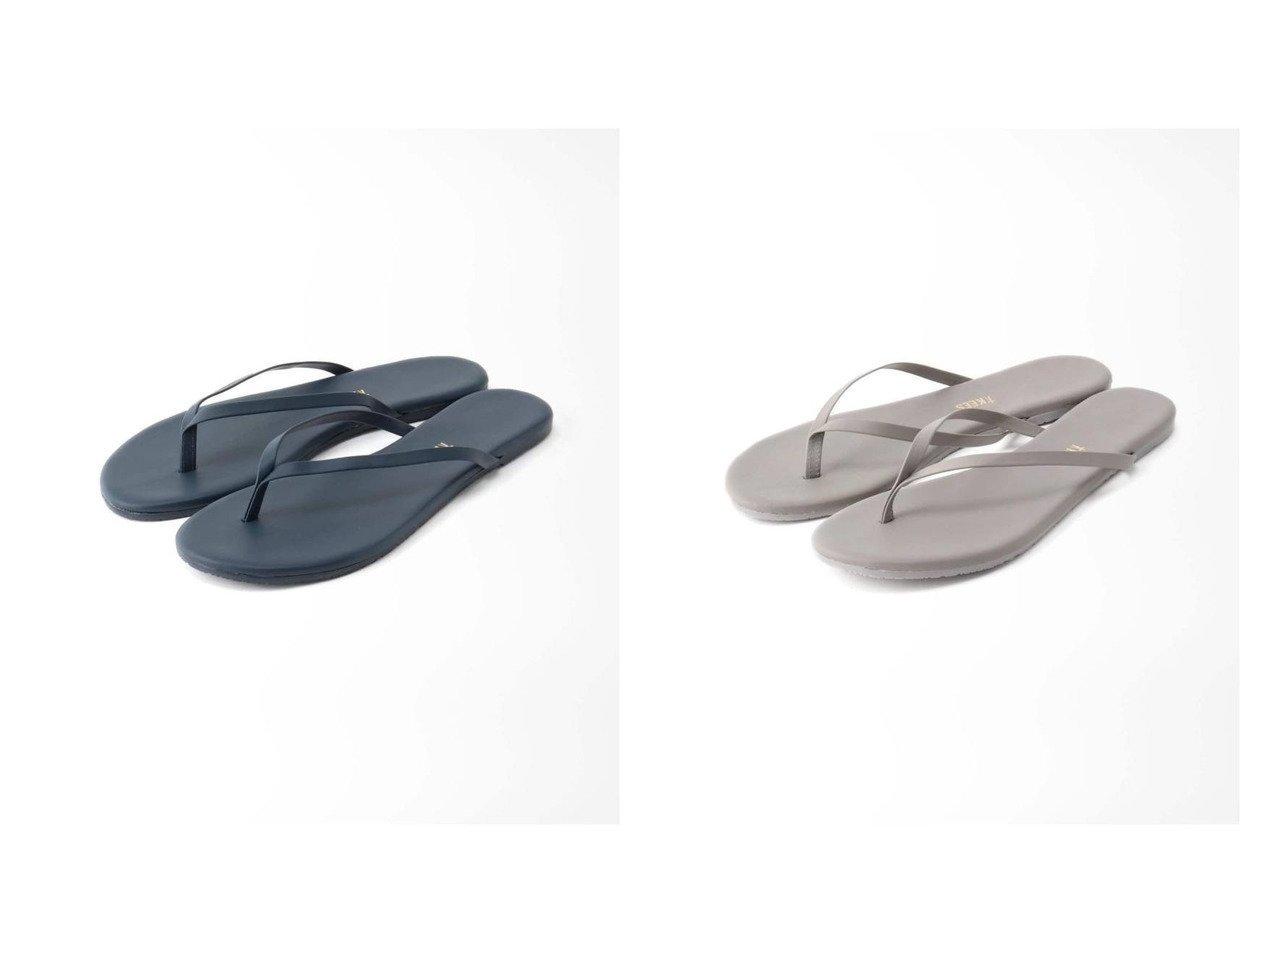 【IENA/イエナ】の【ティキーズ】FLIP FLOPS 【シューズ・靴】おすすめ!人気、トレンド・レディースファッションの通販 おすすめで人気の流行・トレンド、ファッションの通販商品 インテリア・家具・メンズファッション・キッズファッション・レディースファッション・服の通販 founy(ファニー) https://founy.com/ ファッション Fashion レディースファッション WOMEN NEW・新作・新着・新入荷 New Arrivals 2021年 2021 2021春夏・S/S SS/Spring/Summer/2021 S/S・春夏 SS・Spring/Summer サンダル シューズ ミュール  ID:crp329100000052550